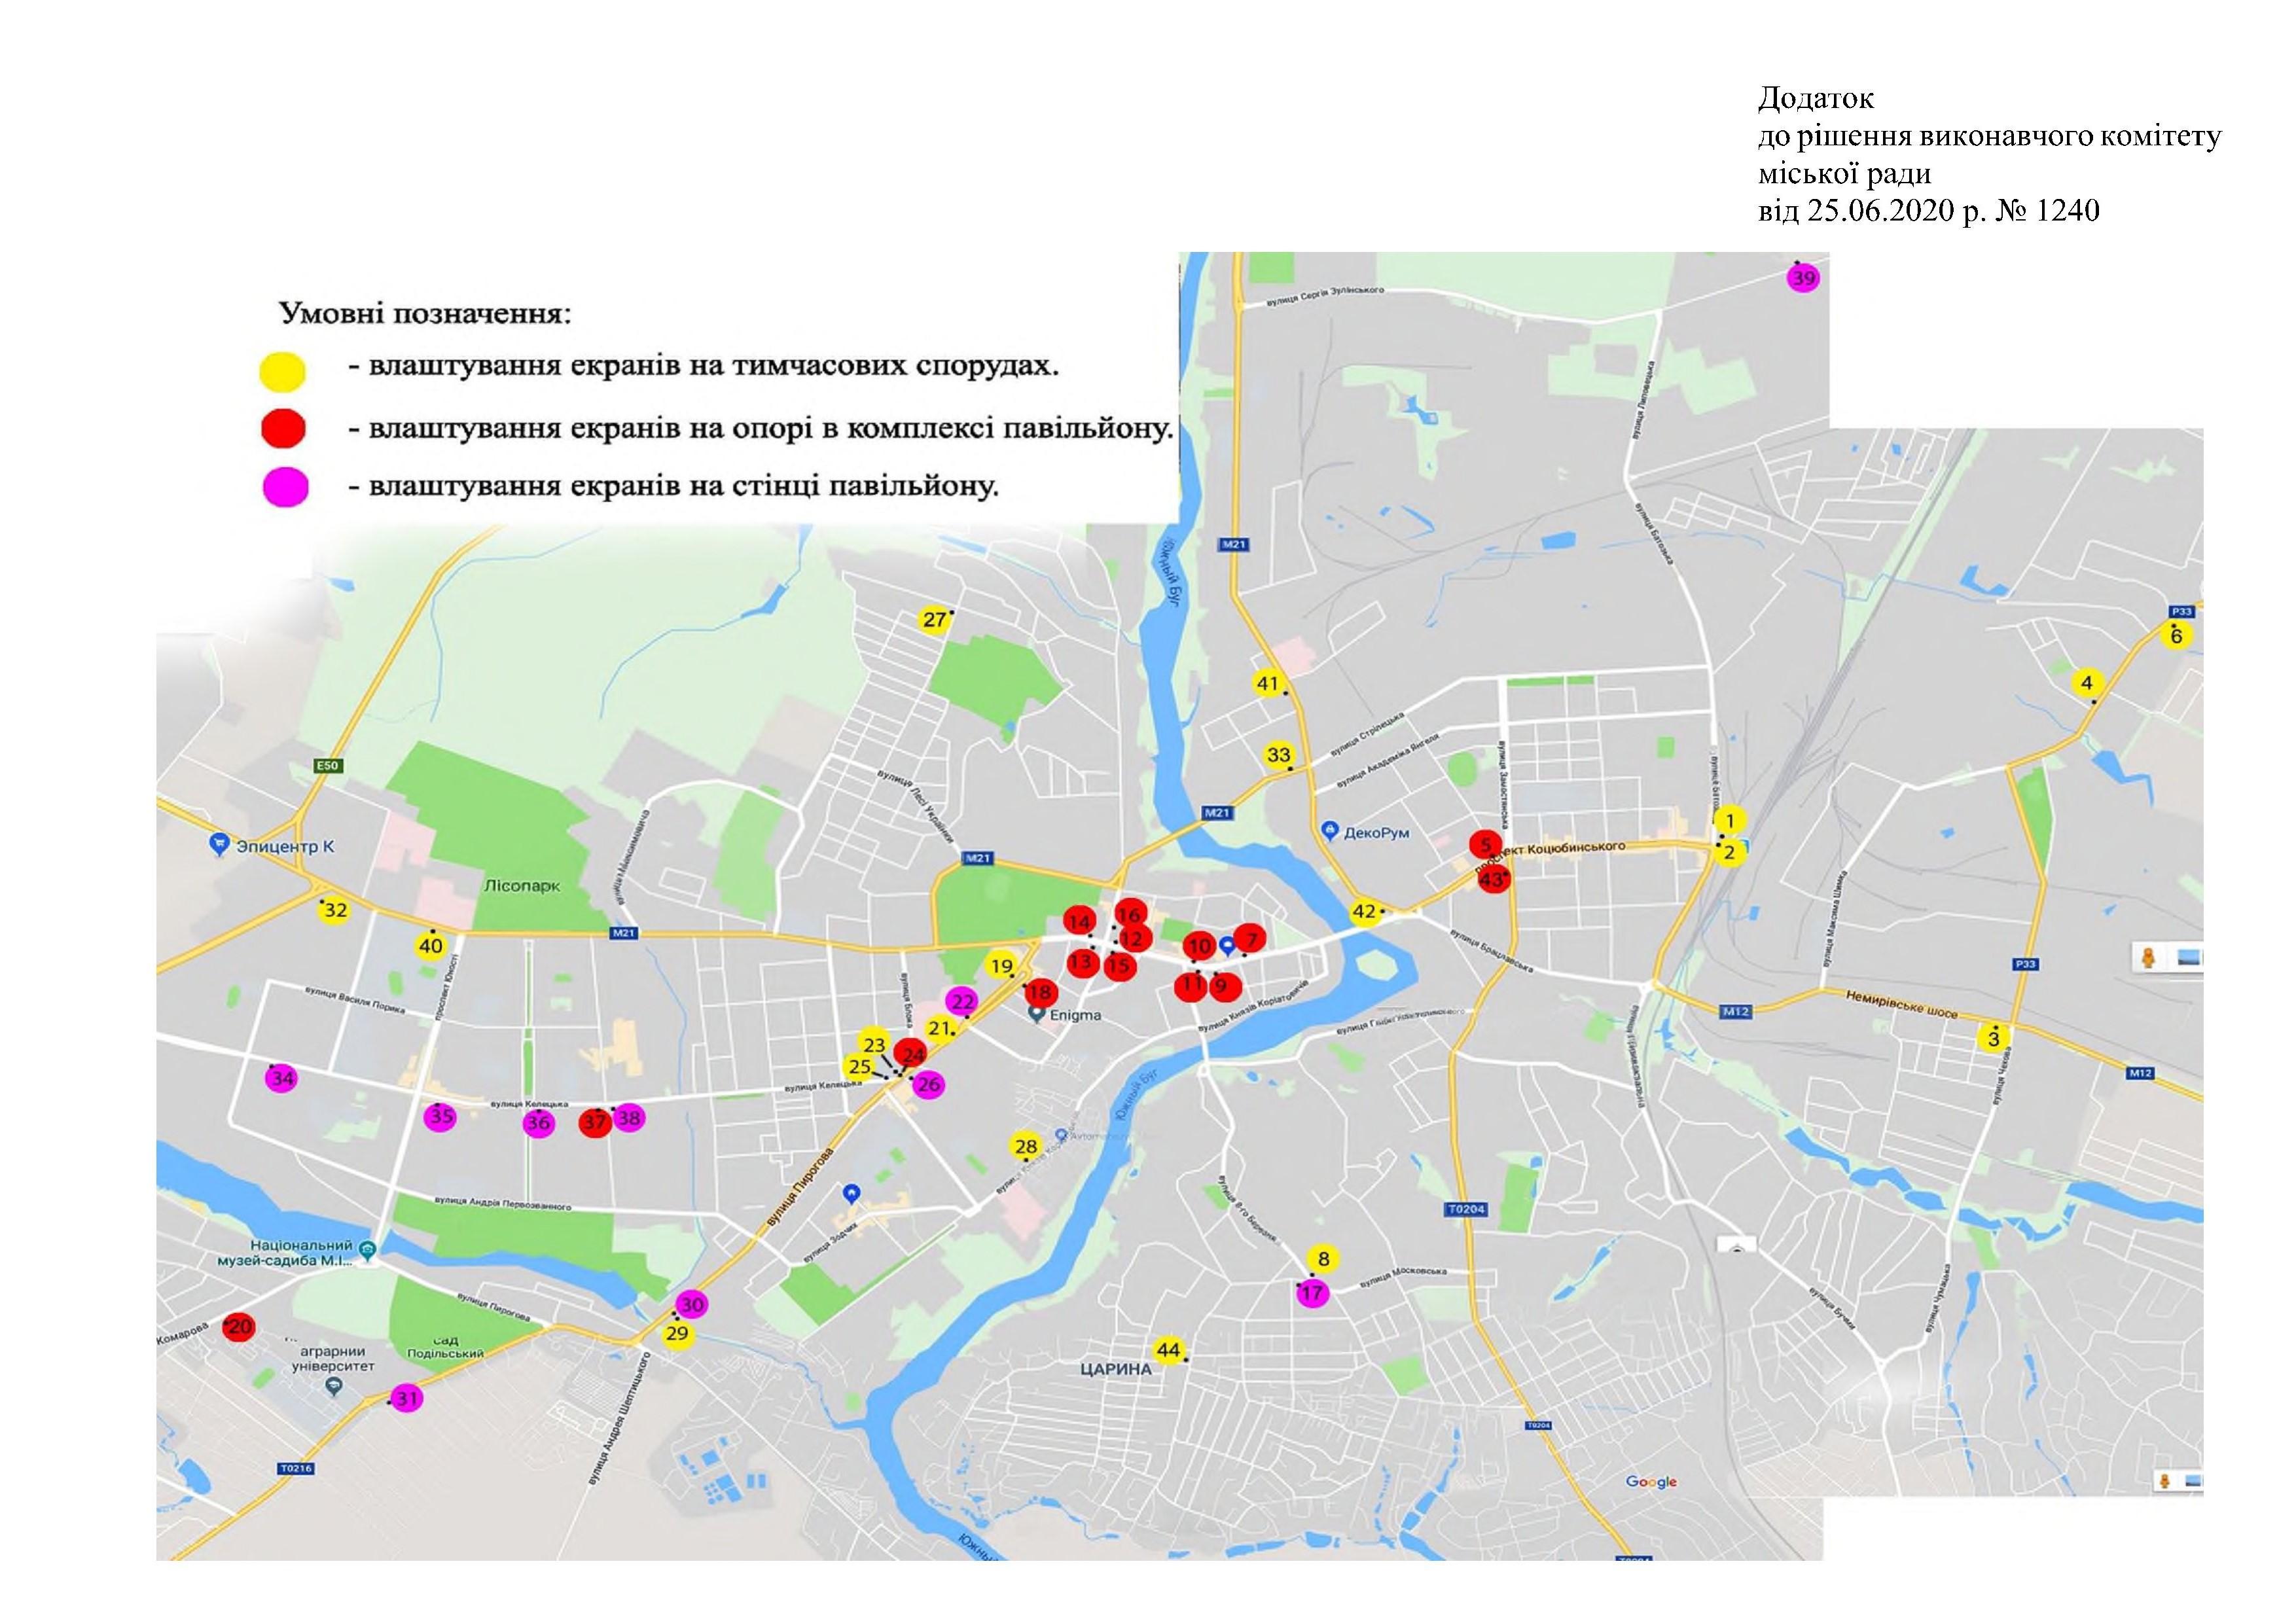 У Вінниці 44 зупинки обладнають електронними табло. Перелік